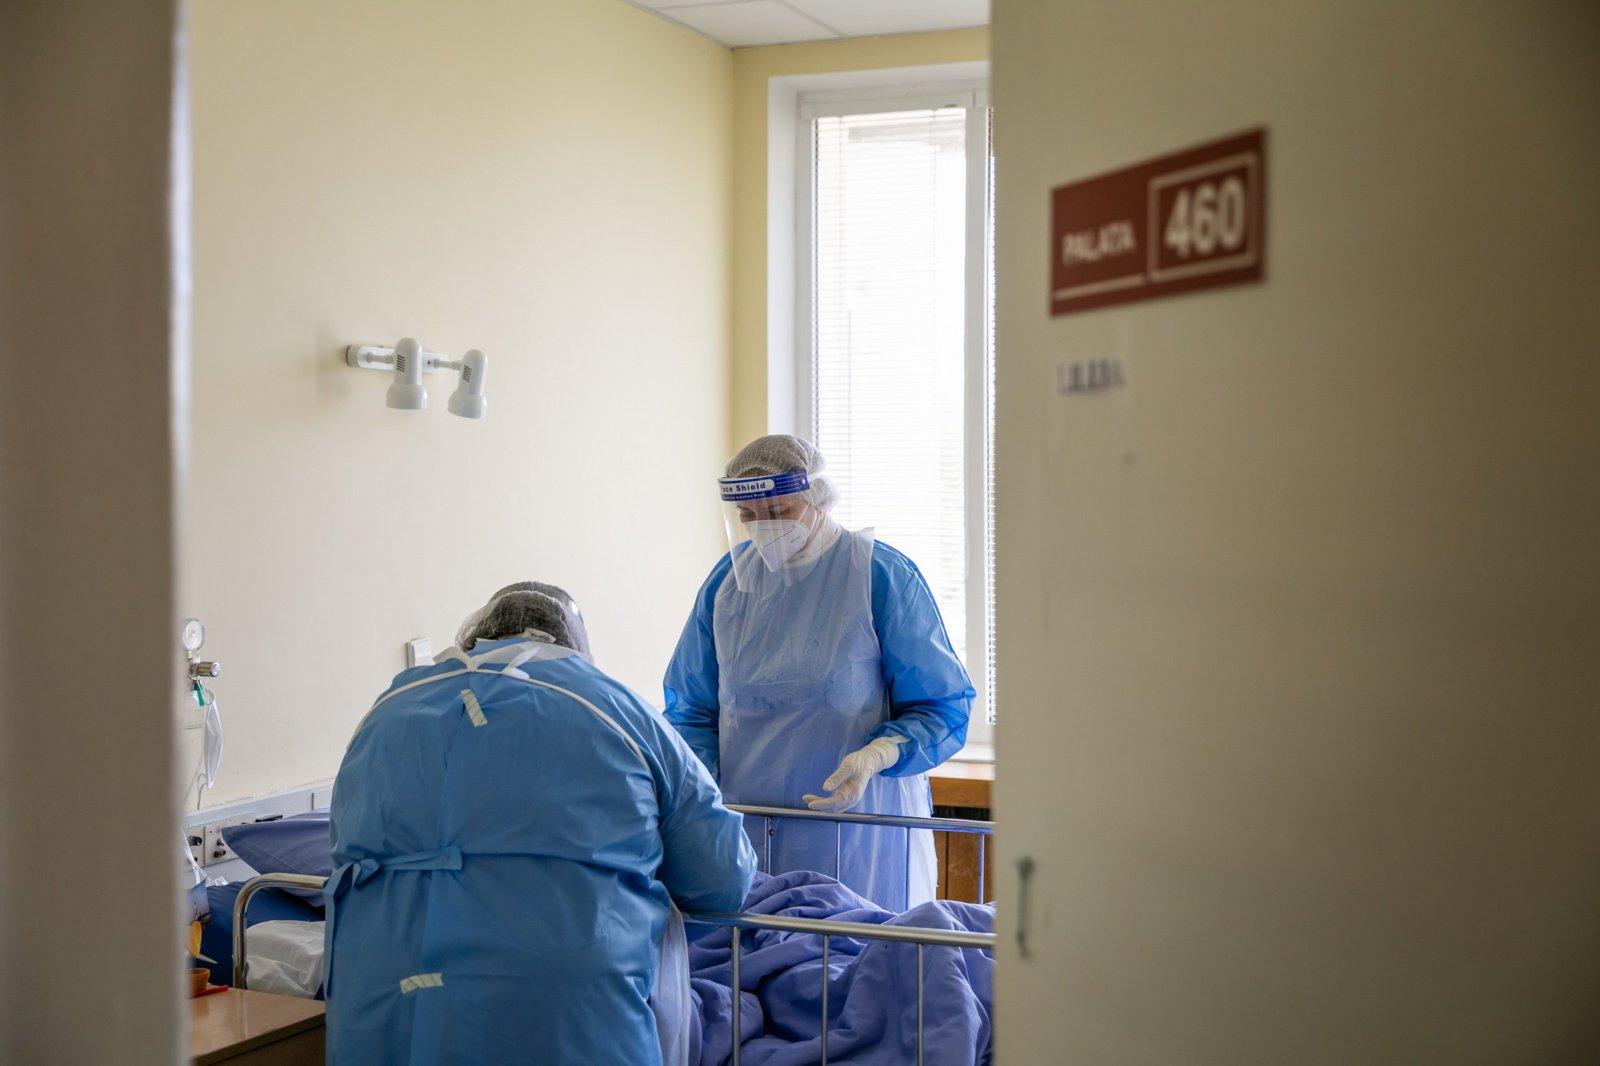 Nauji koronaviruso infekcijos atvejai: daugiausia – Vilniaus apskrityje, didžiausi židiniai – ligoninėse